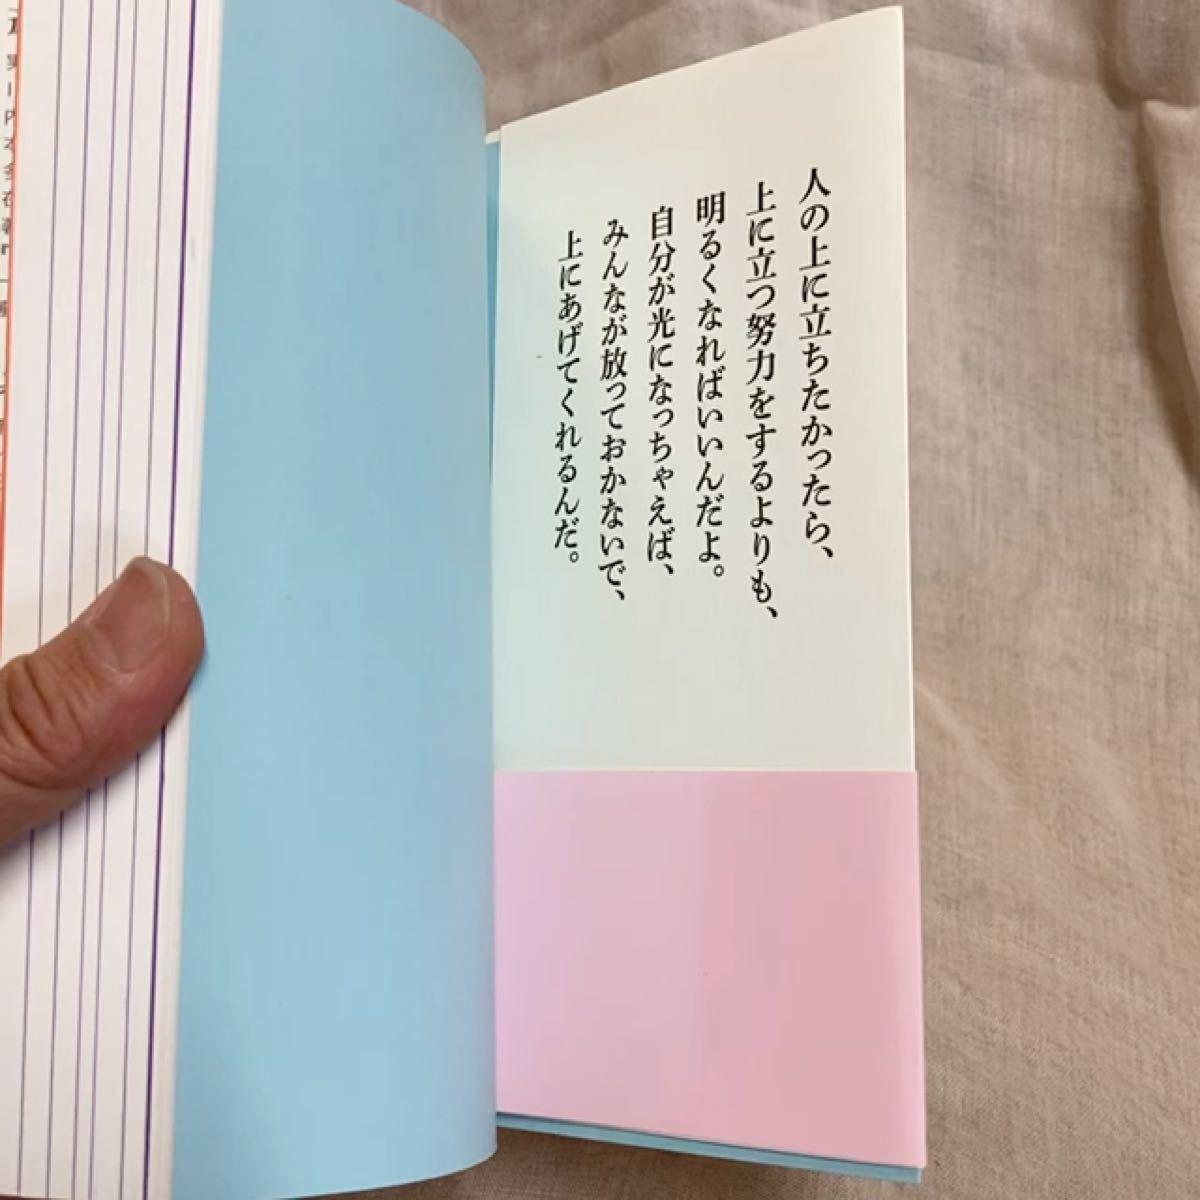 神はからい【著者:斎藤一人】